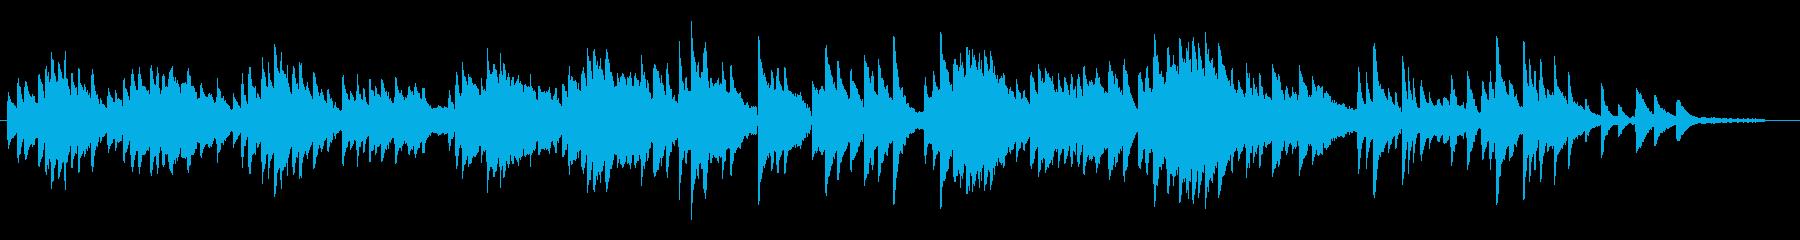 ほのぼのするピアノソロの再生済みの波形